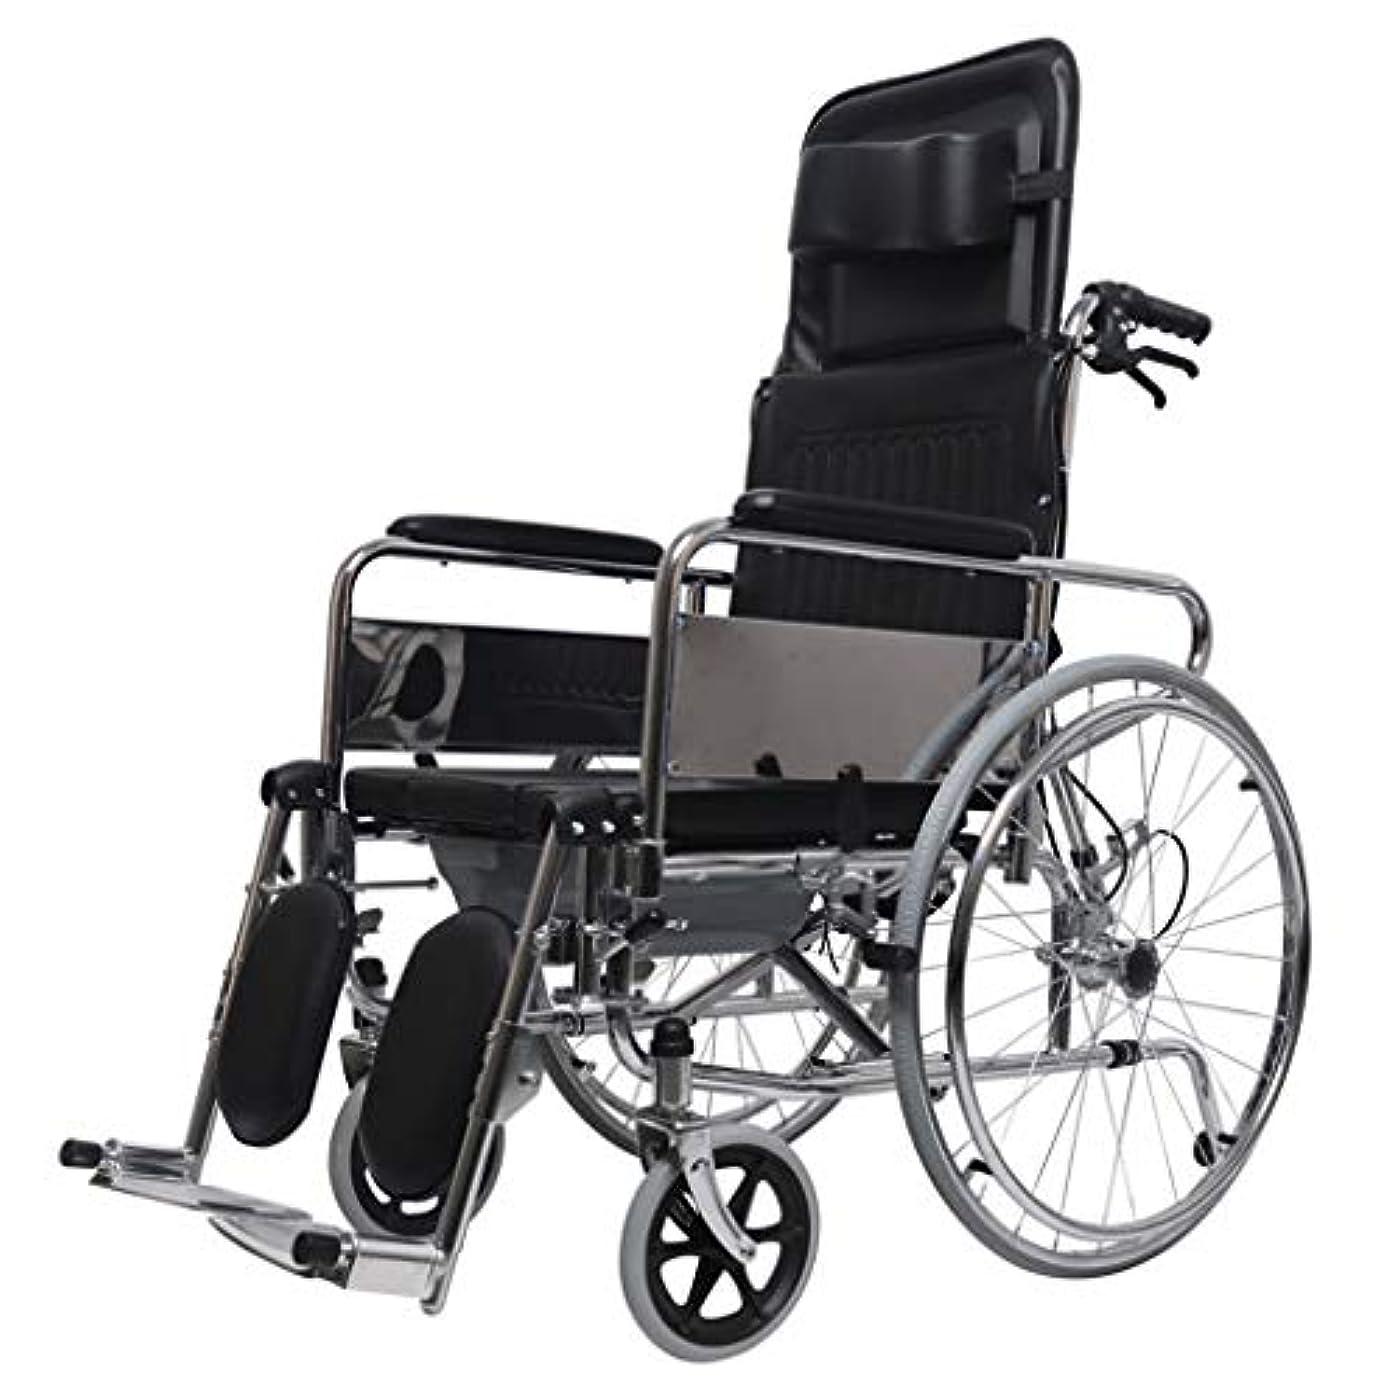 印象的な全体にメイド車椅子トロリー、ブレーキ付き多機能折りたたみ、高齢者向け車椅子、屋外旅行、優れたヘルパー